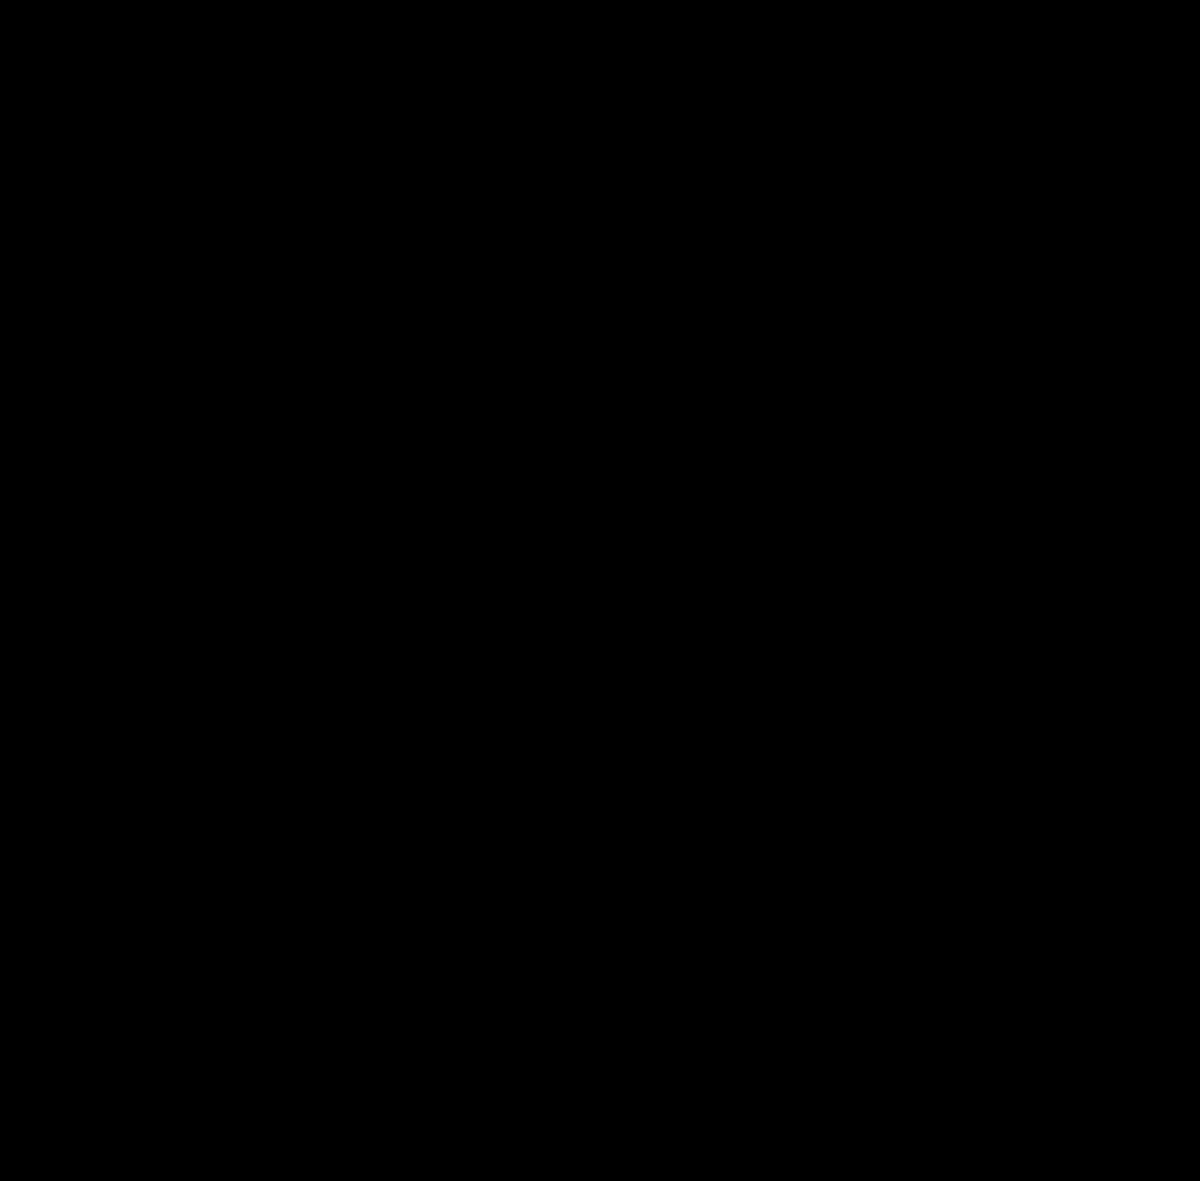 Taartversiering pen – Taartdecoratie – Garneerspuit – Decoratiespuit – Taartspuit – Spuitzak – icing spuit – spuitpen – chocolade spuit – Choco pen – decoratie pen – Cupcake Taart Dessert Siliconen Pen